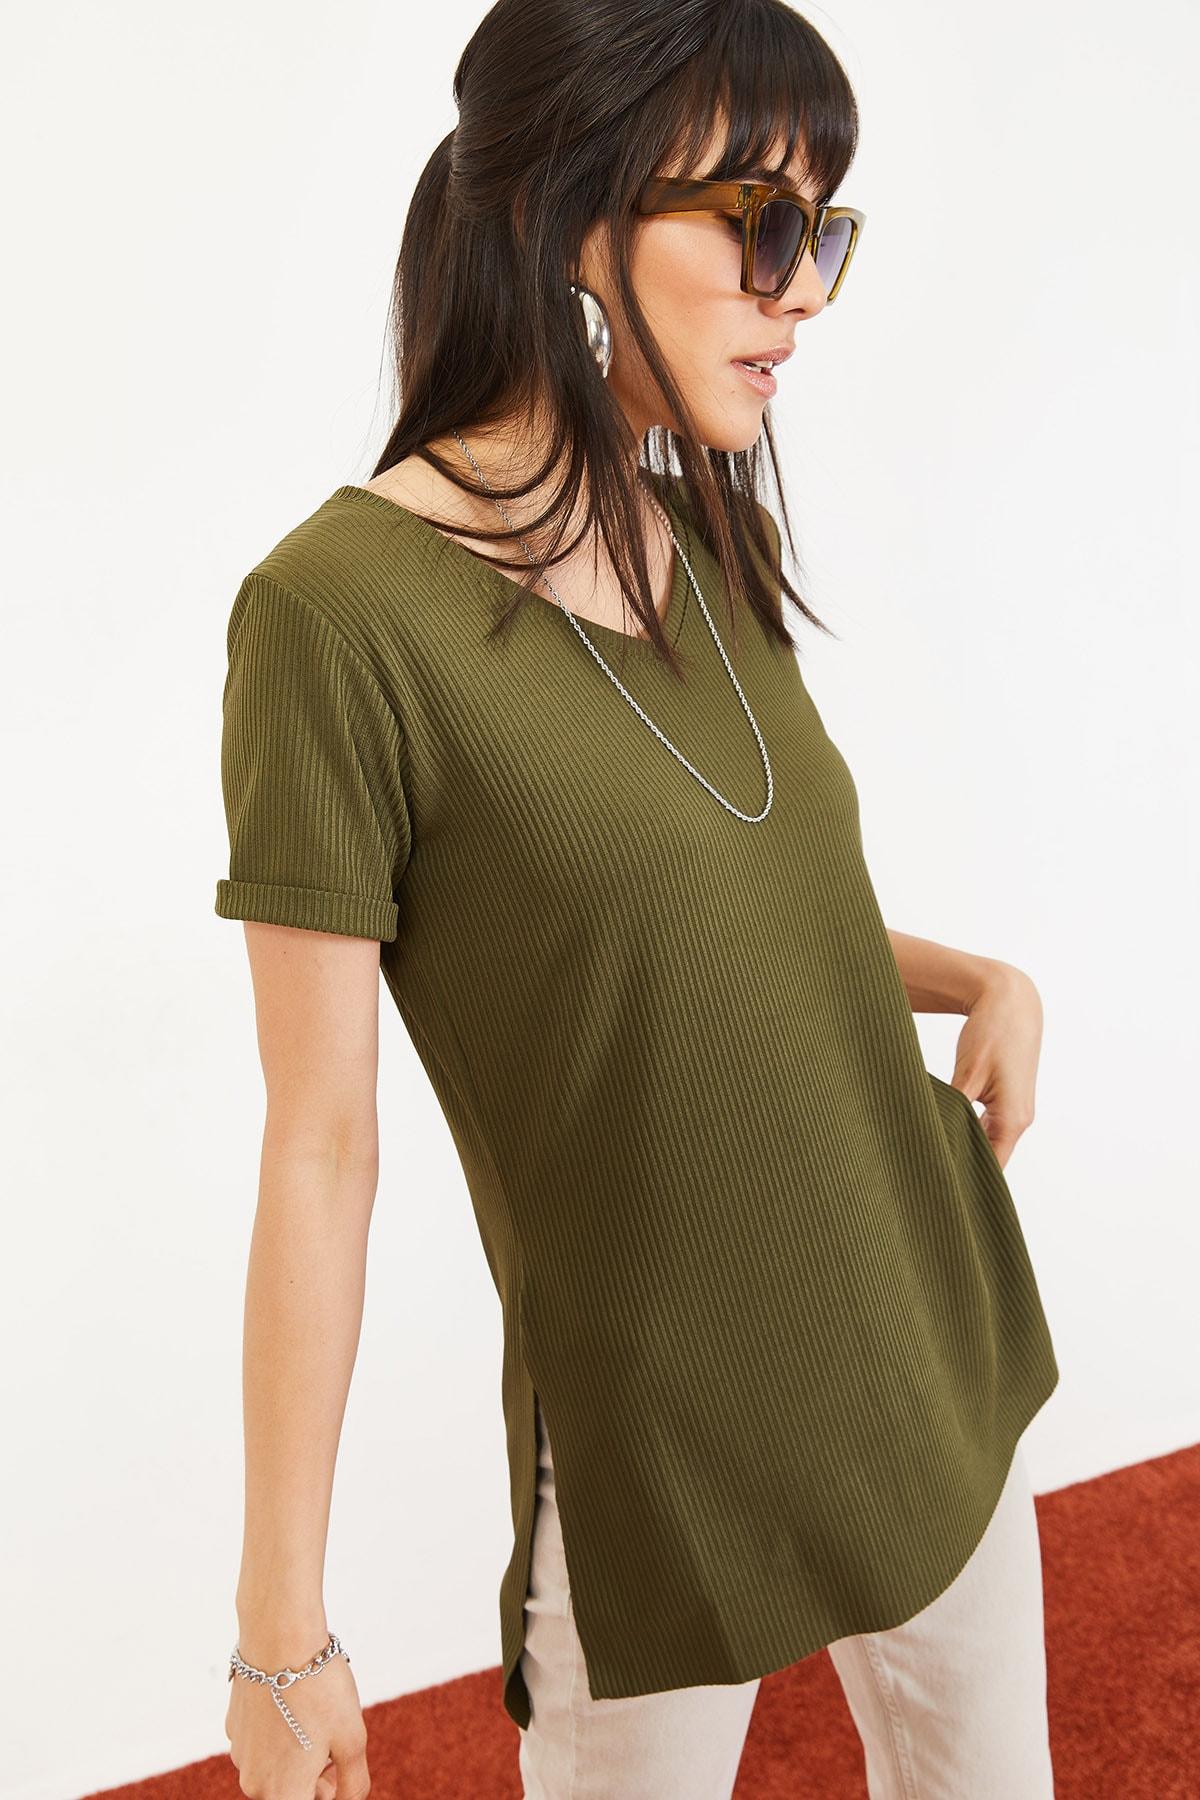 Bianco Lucci Kadın Yeşil Kol Yan Yırtmaçlı Kol Detay Kaşkorse T-Shirt 10051012 0